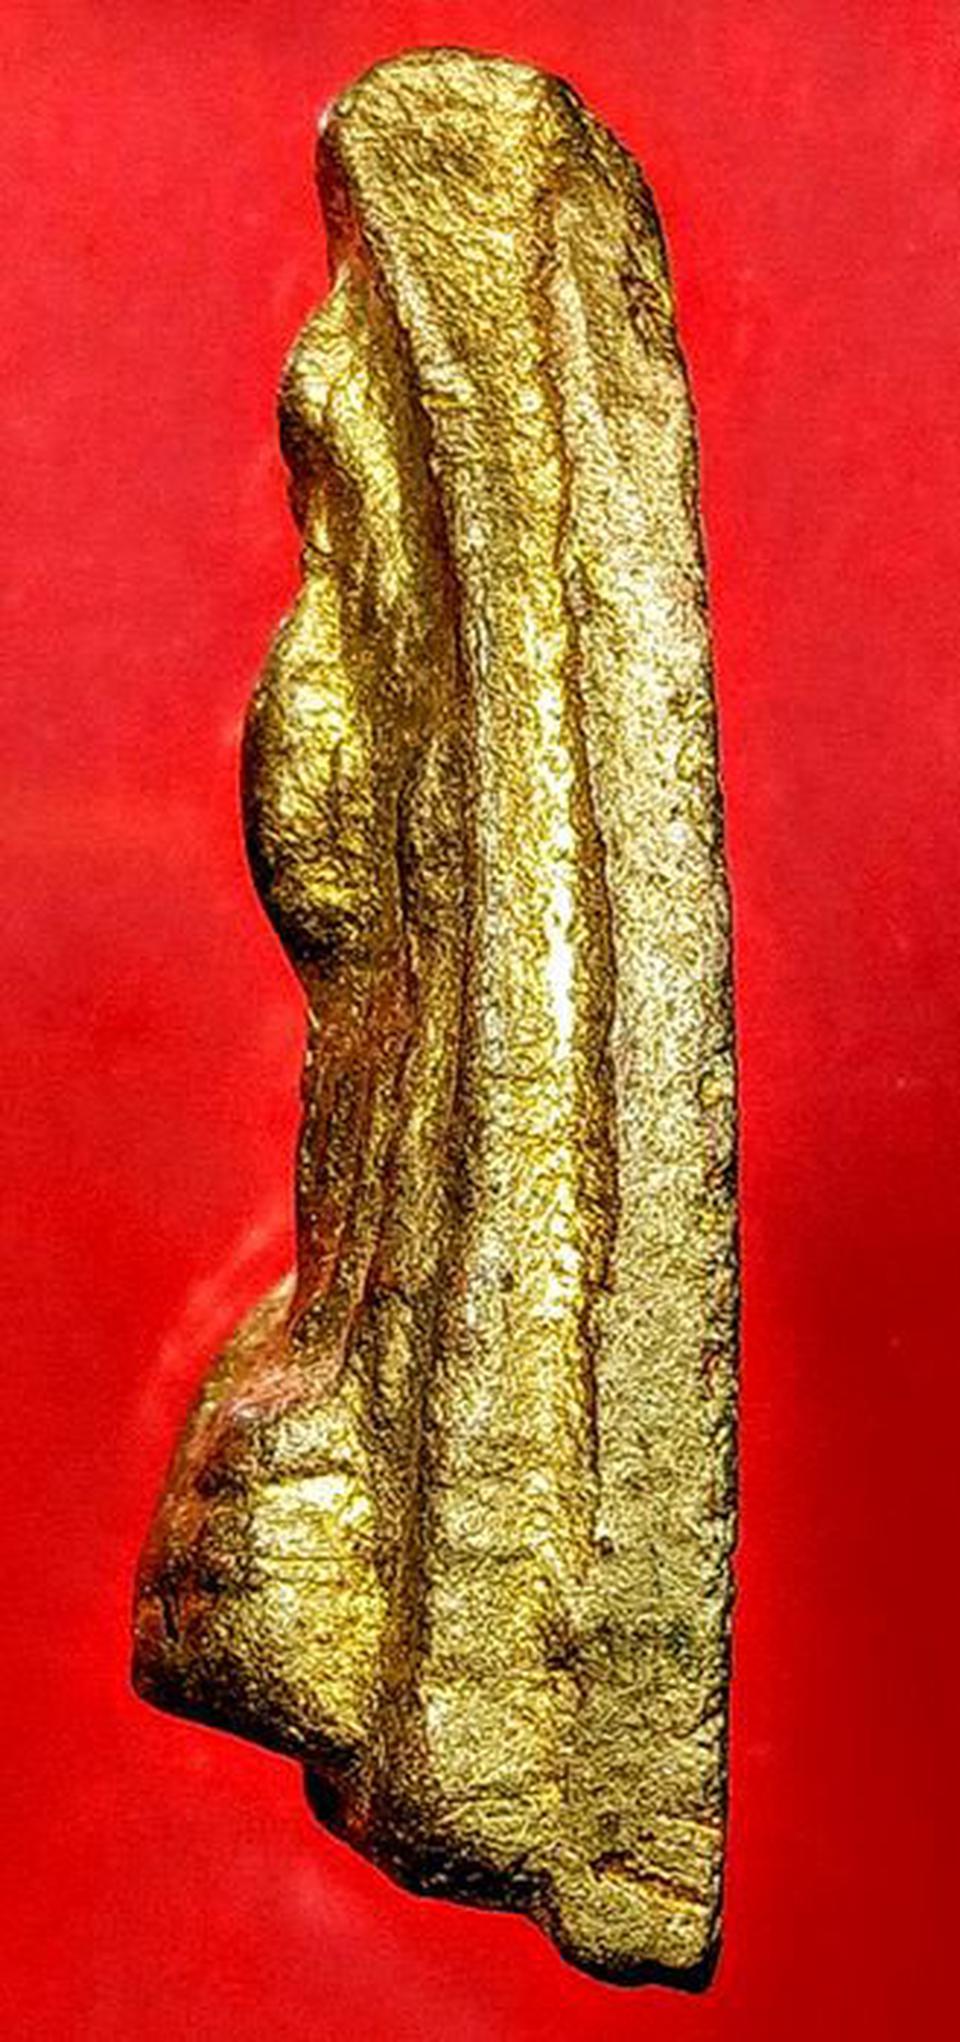 พระพุทธชินราช เนื้อดิน หลวงปู่ยิ้ม วัดเจ้าเจ็ด จ.อยุธยา รูปที่ 1